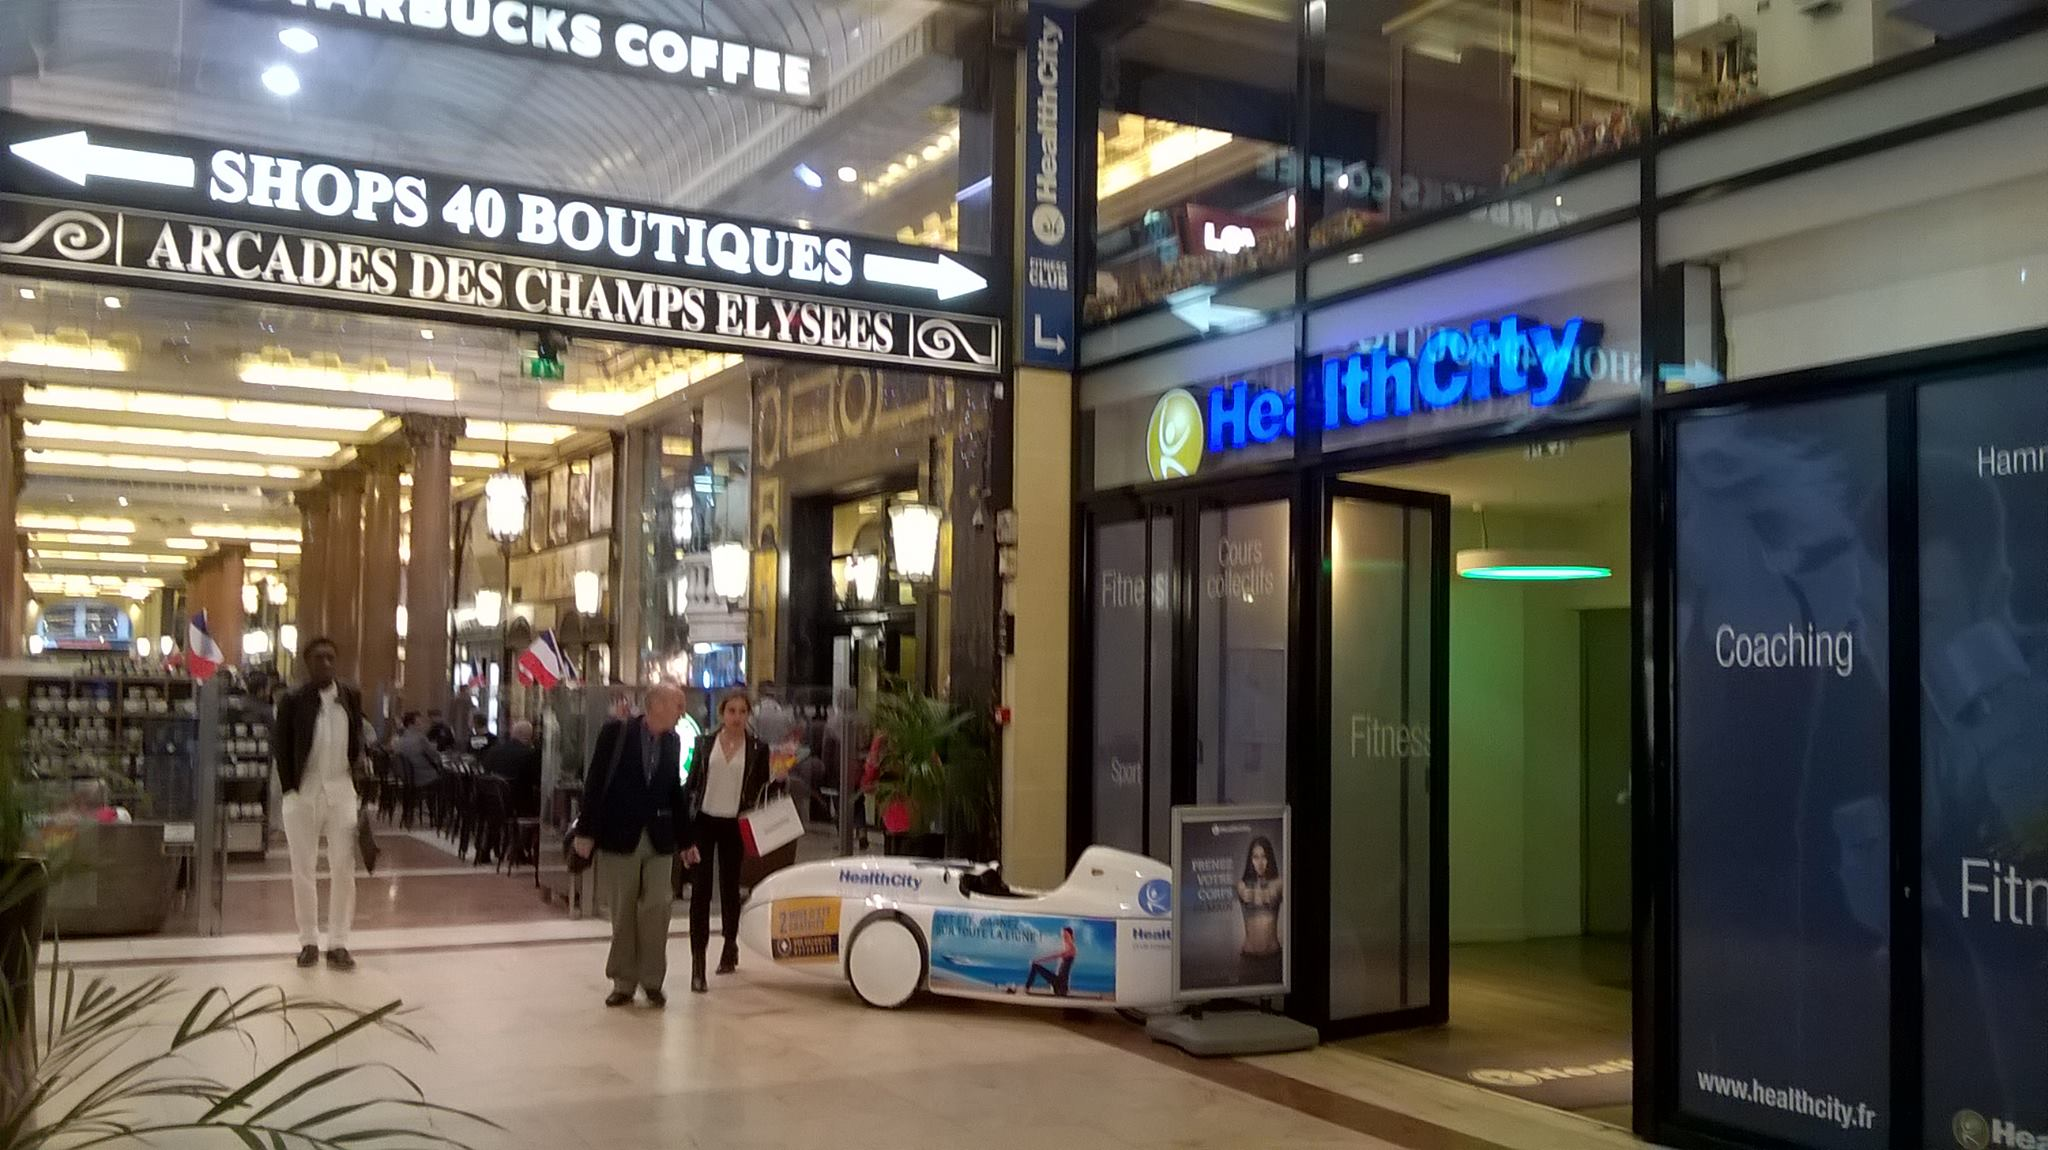 Opération FitCar - Healthcity Les Champs Elysées - 14/06/16